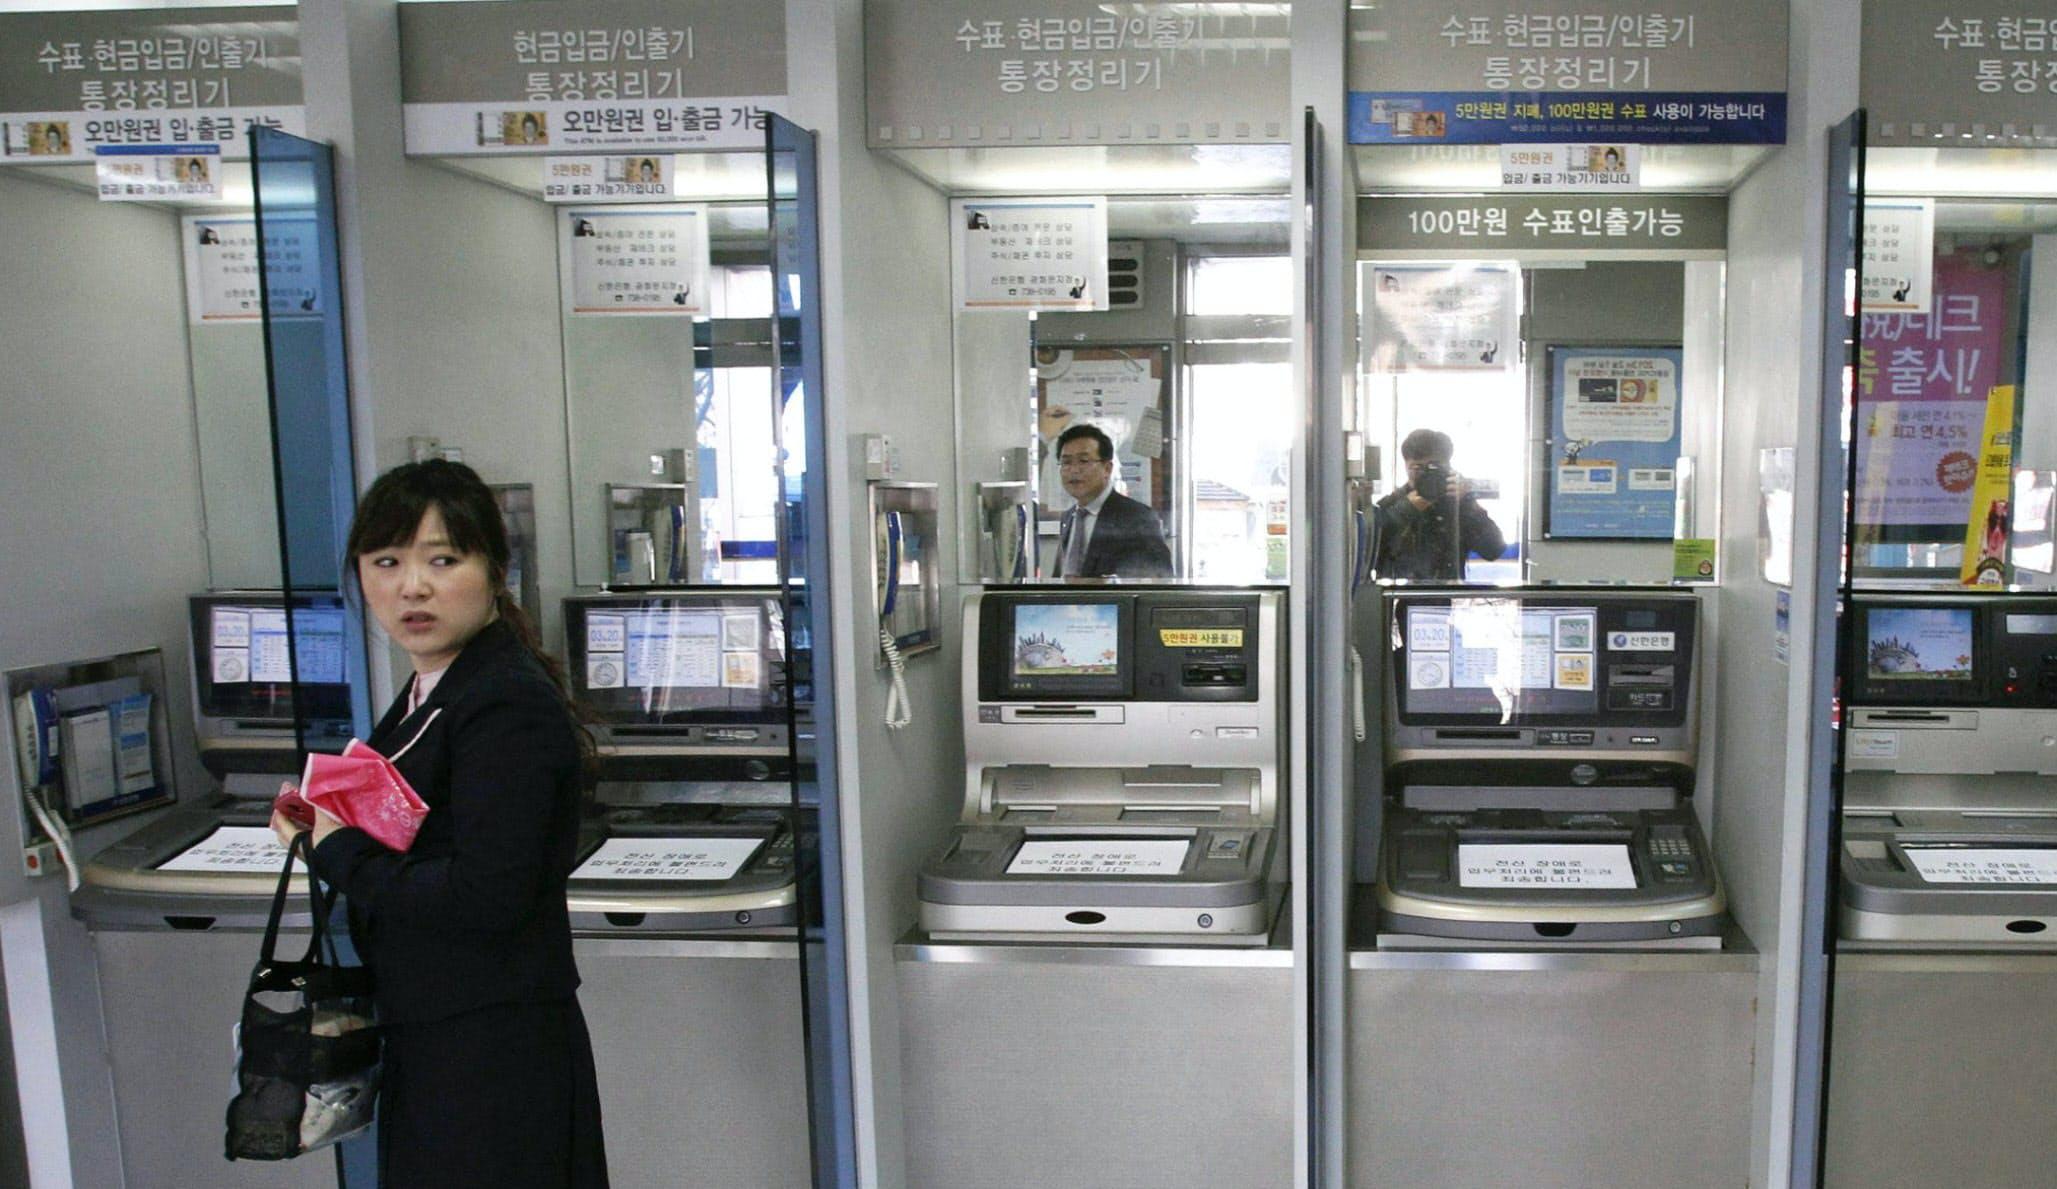 今回のサイバー攻撃では銀行のATMが停止するといった被害が出た